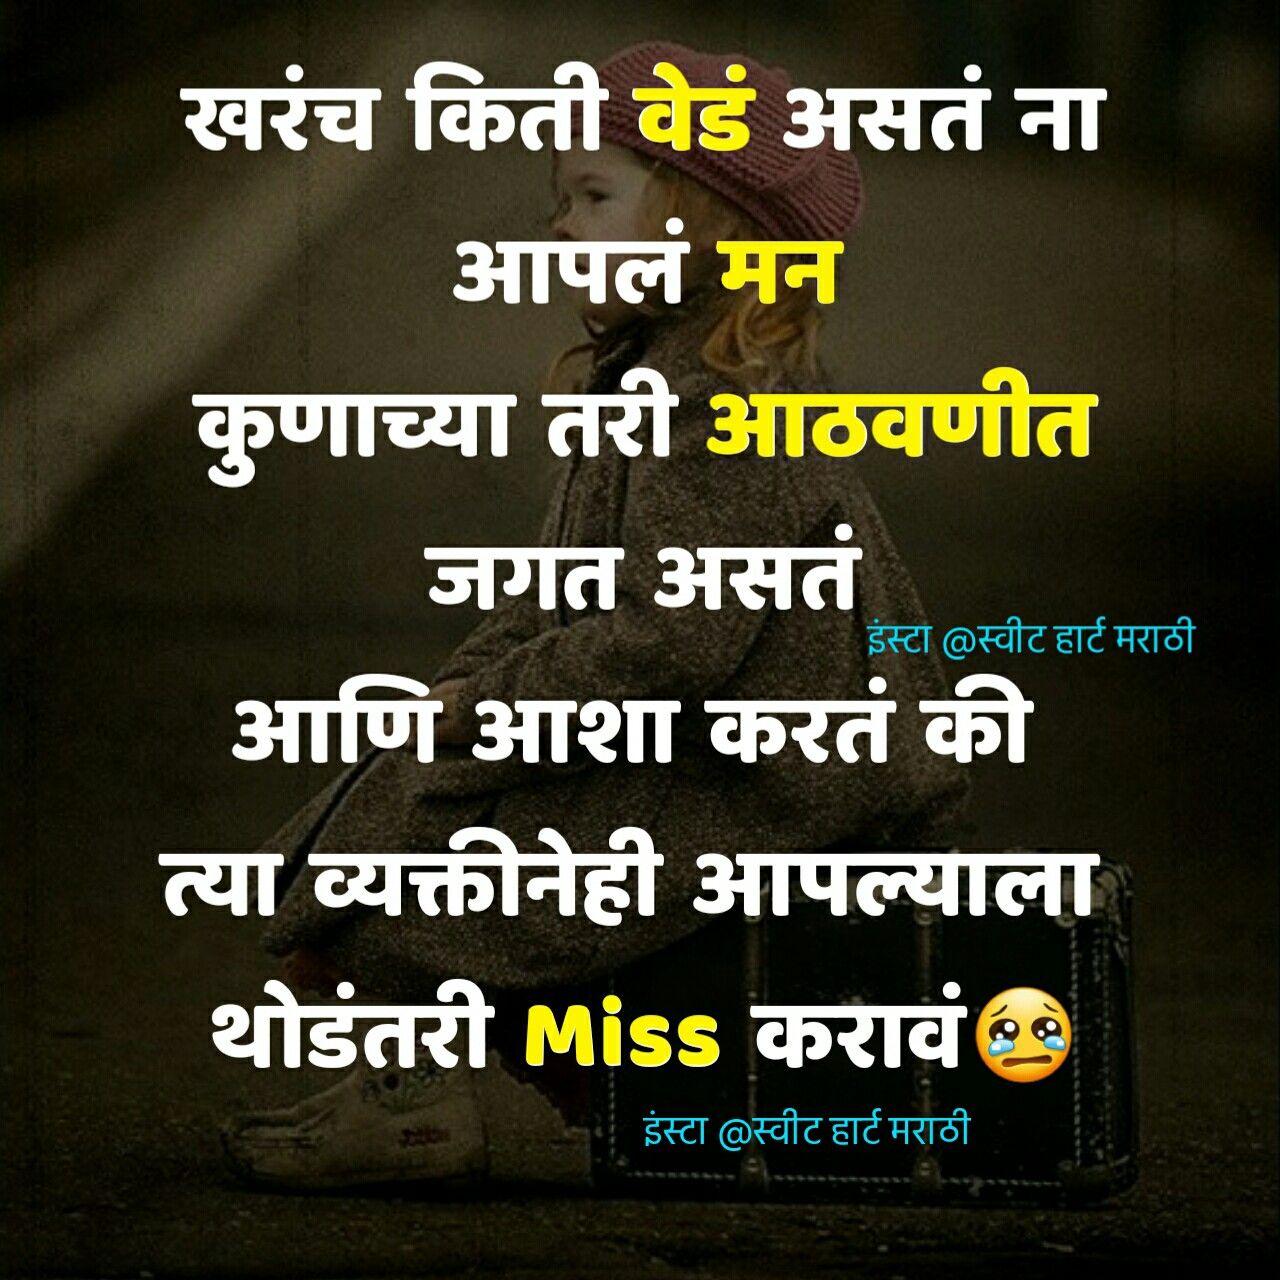 Pin By Sweet Heart Marathi On Sweet Heart Marathi Marathi Love